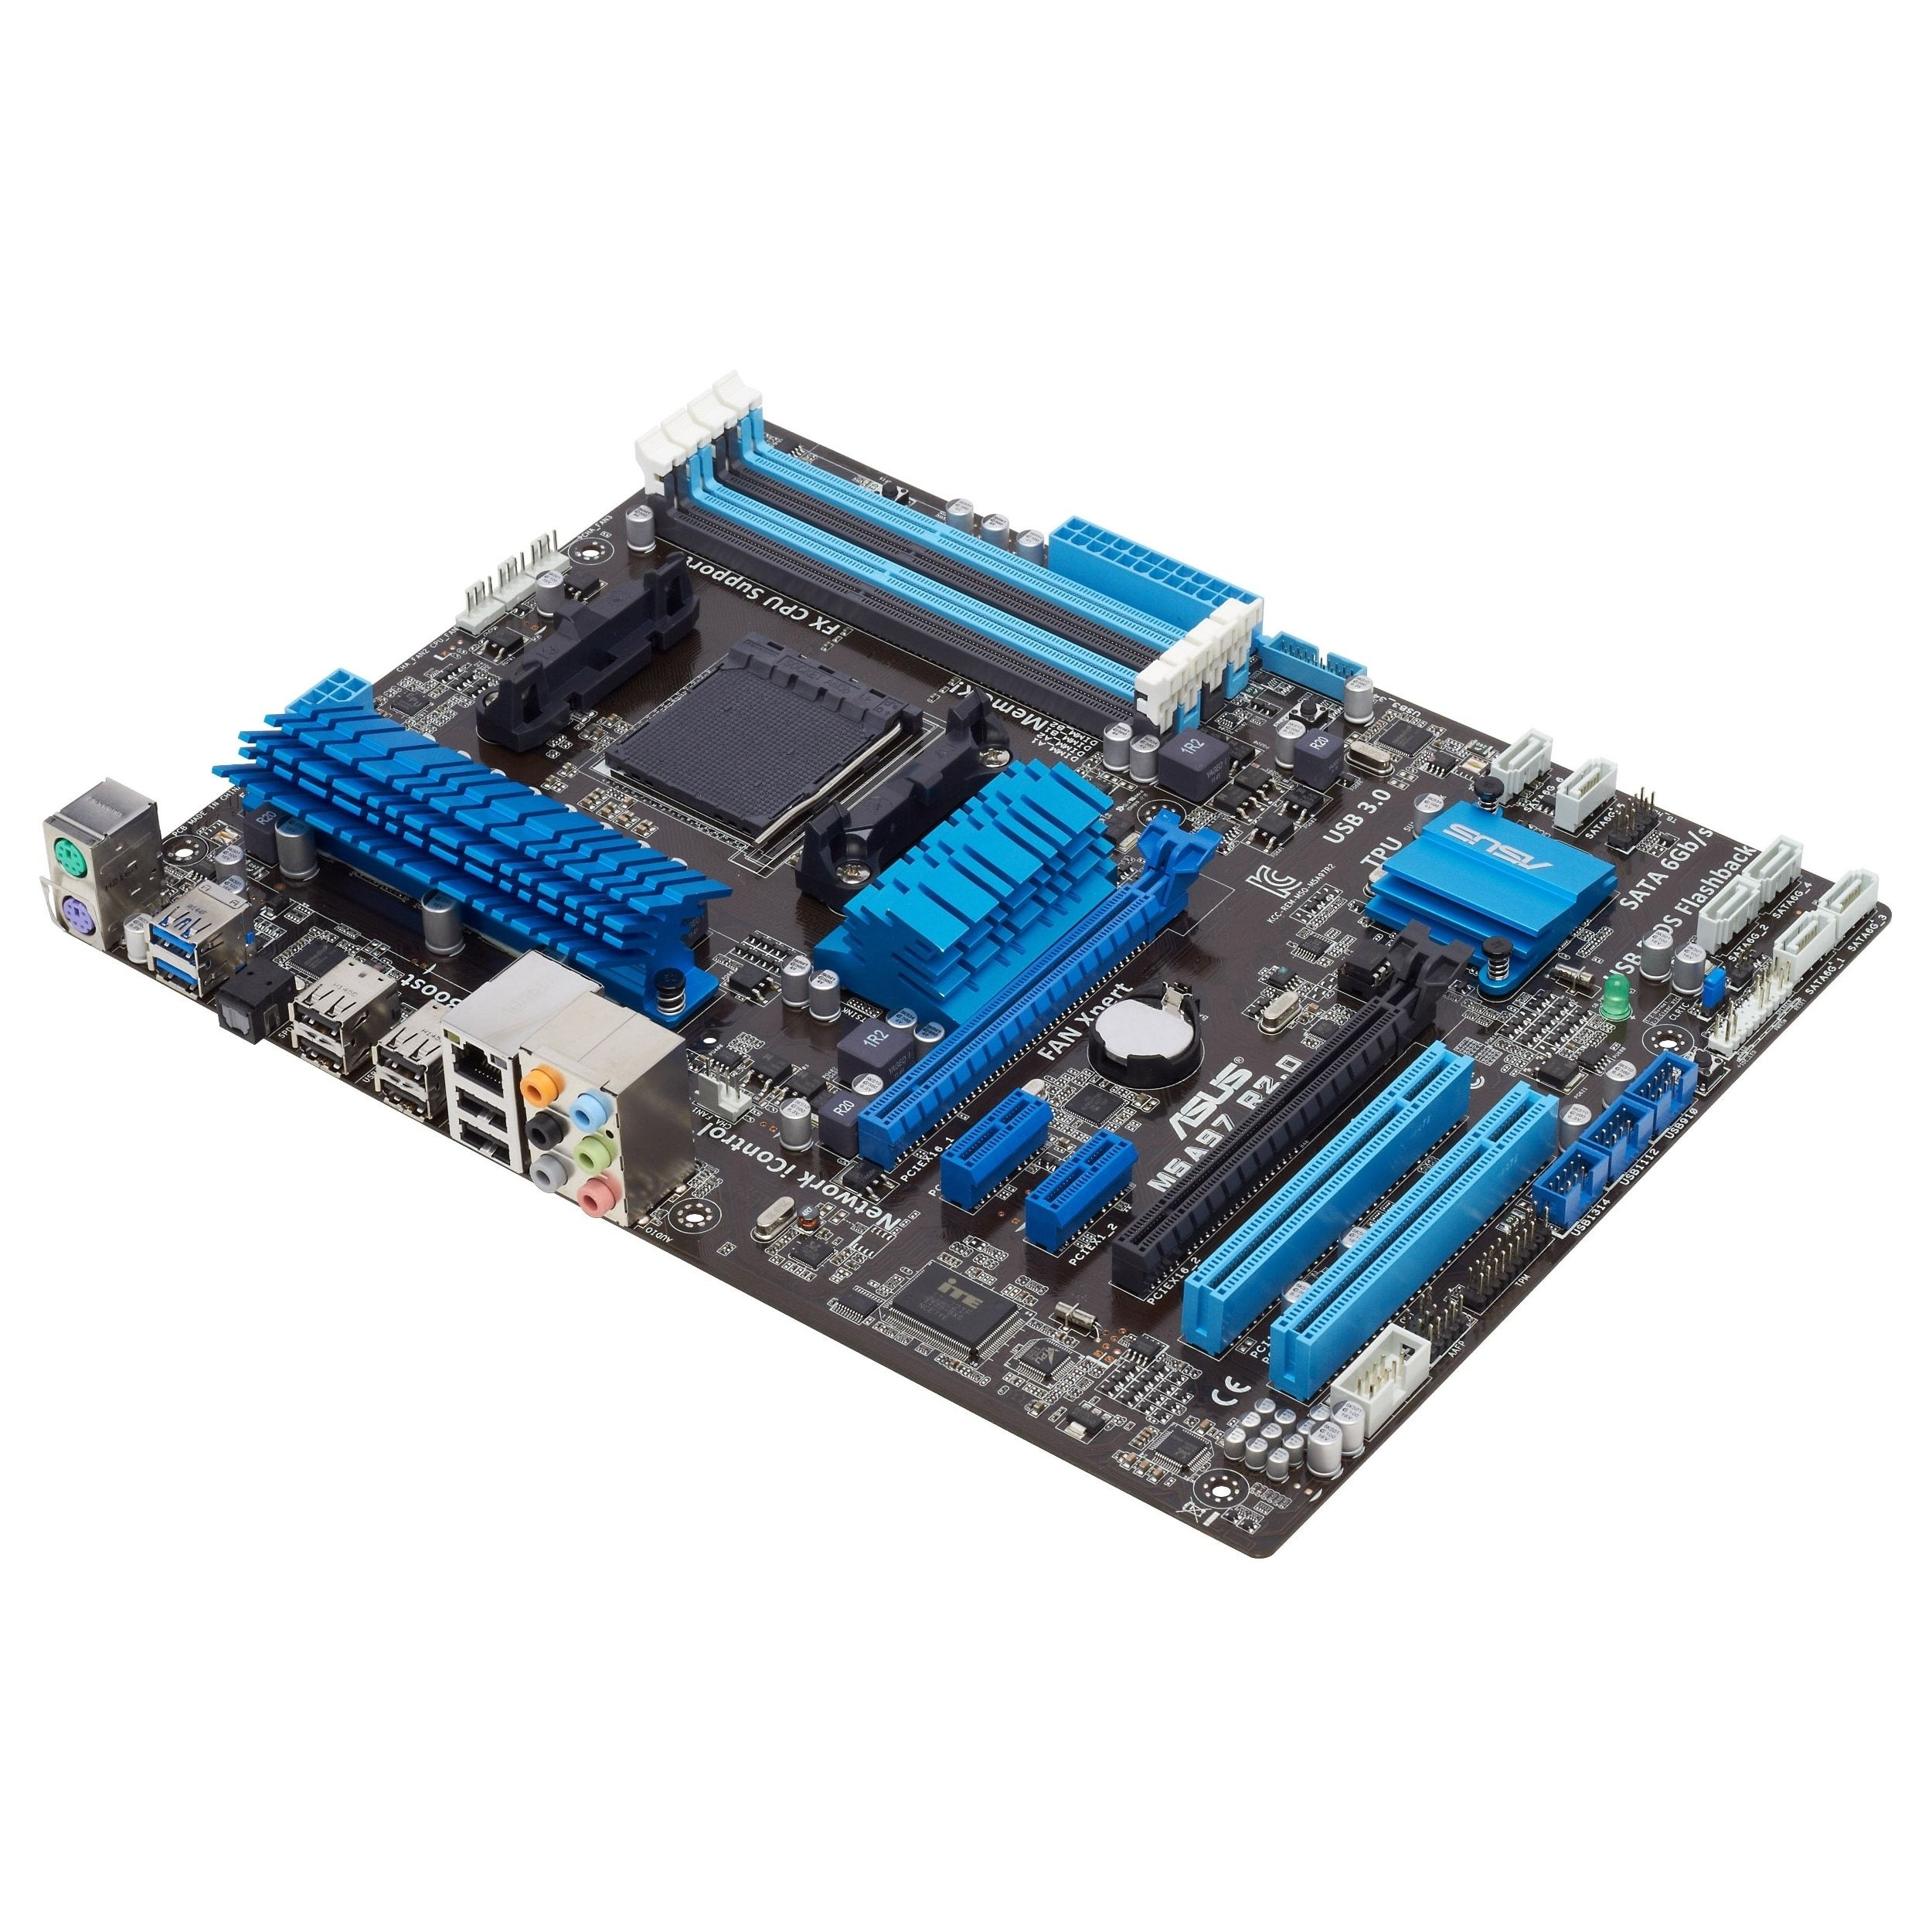 Asus H81M-C RST (RAID) Treiber Windows 10